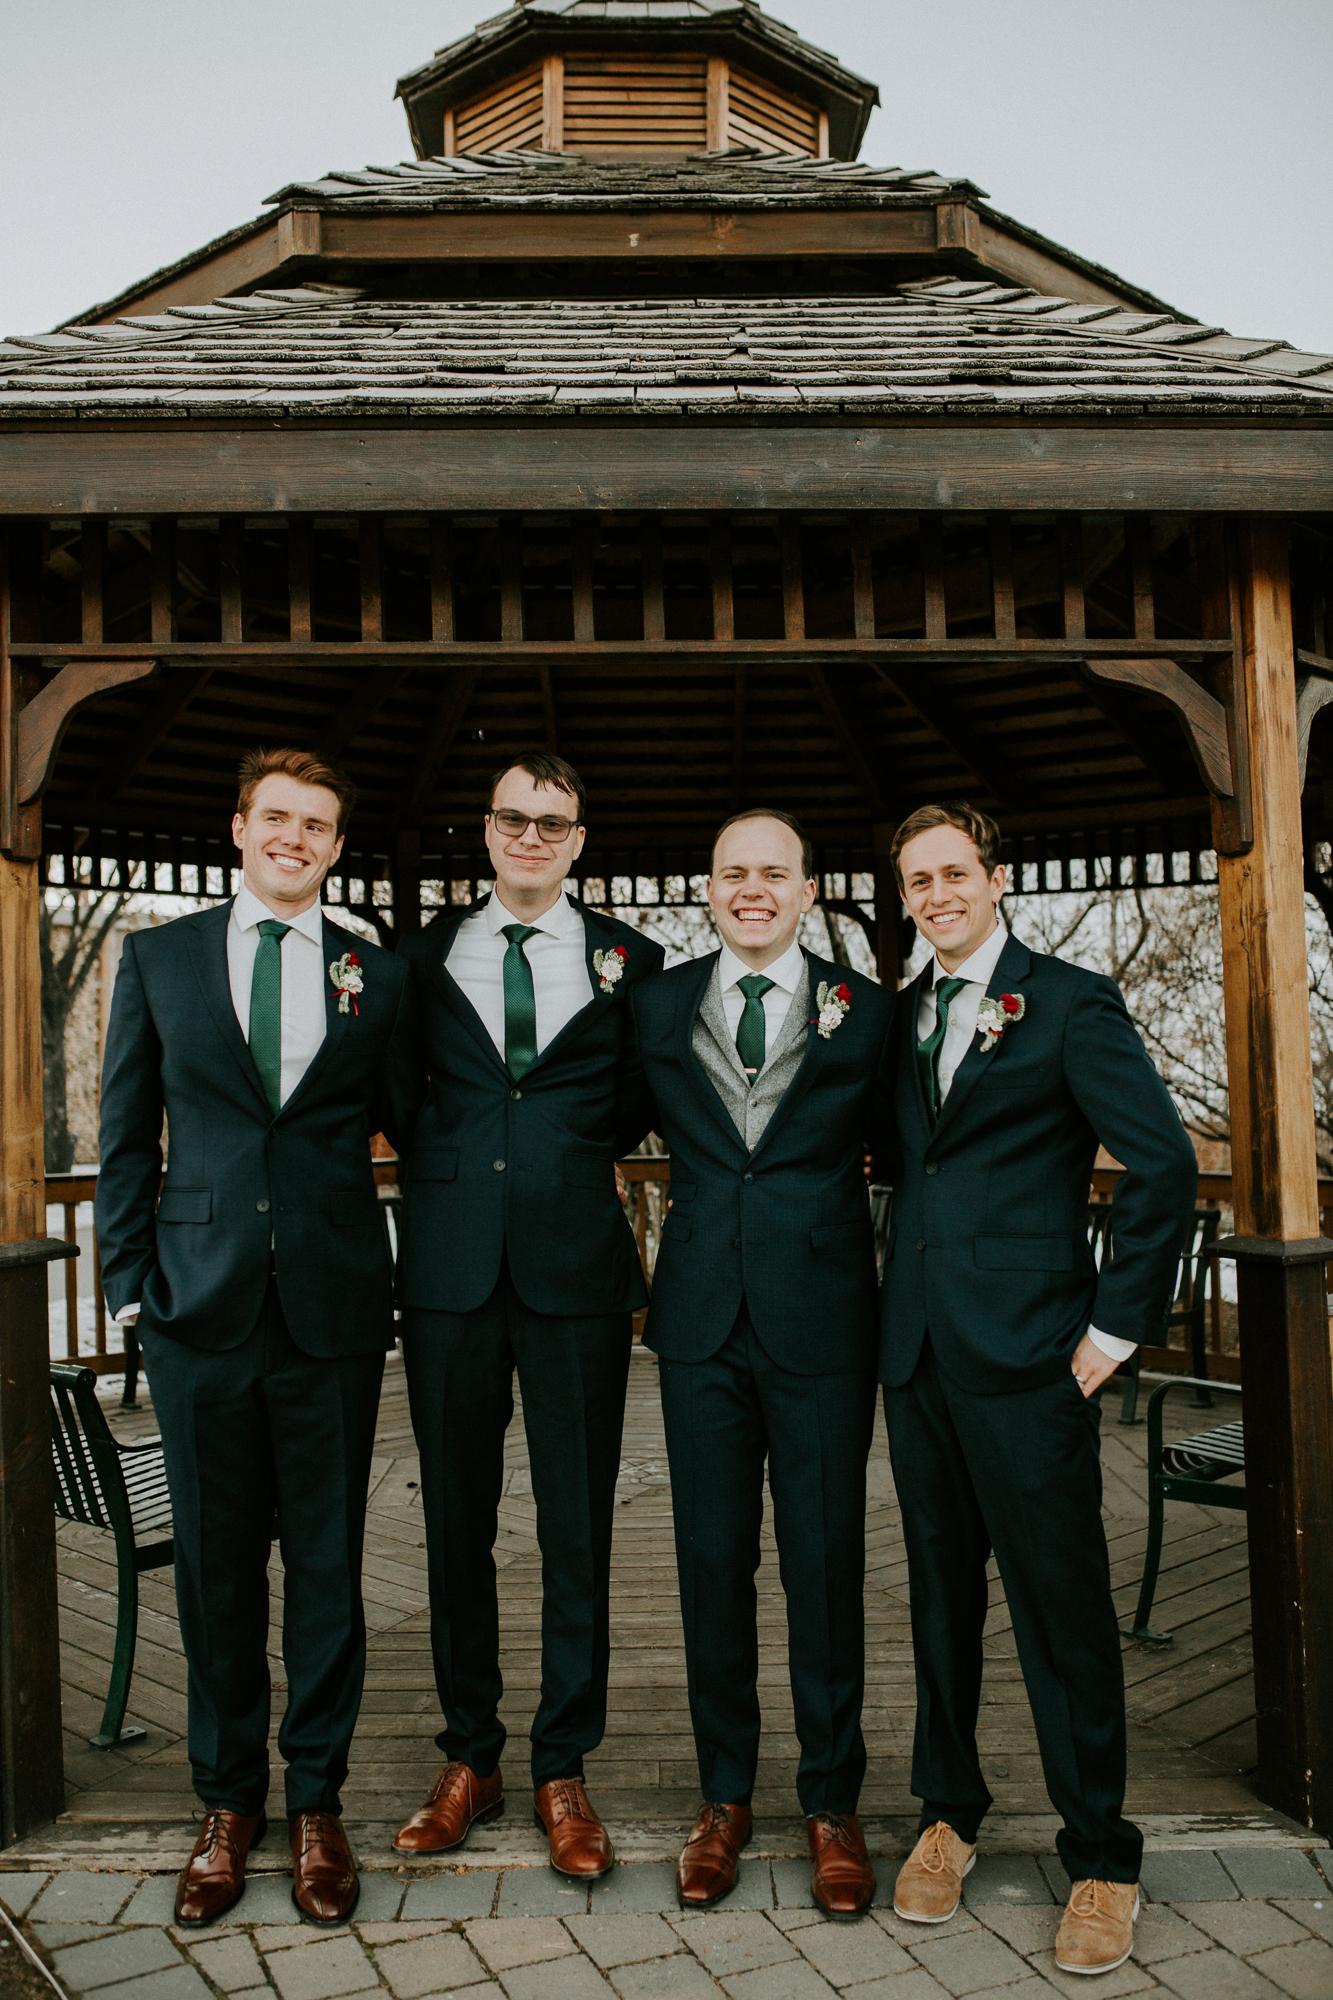 calgary-zoo-wedding-27.jpg